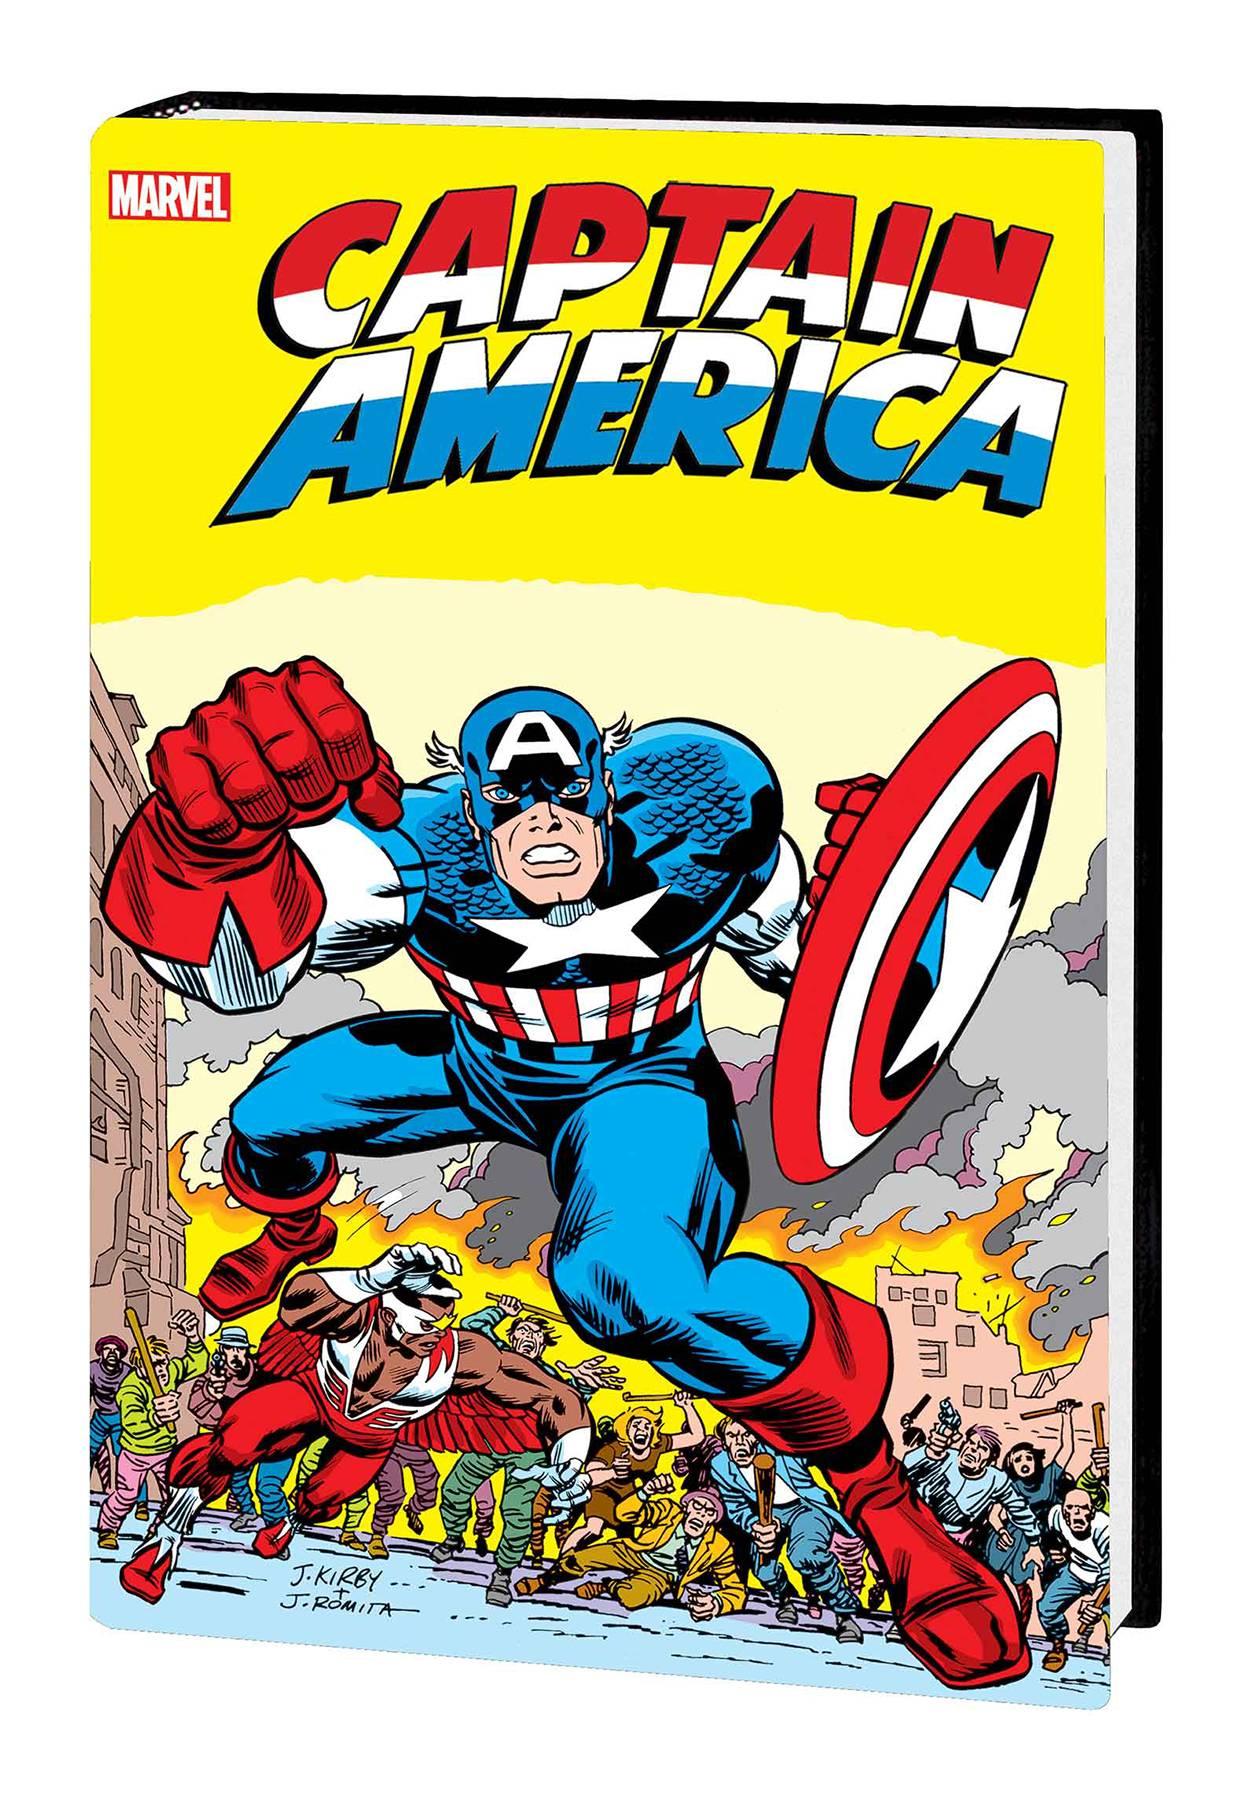 CAPTAIN AMERICA BY JACK KIRBY OMNIBUS HC MADBOMB CVR NEW PTG